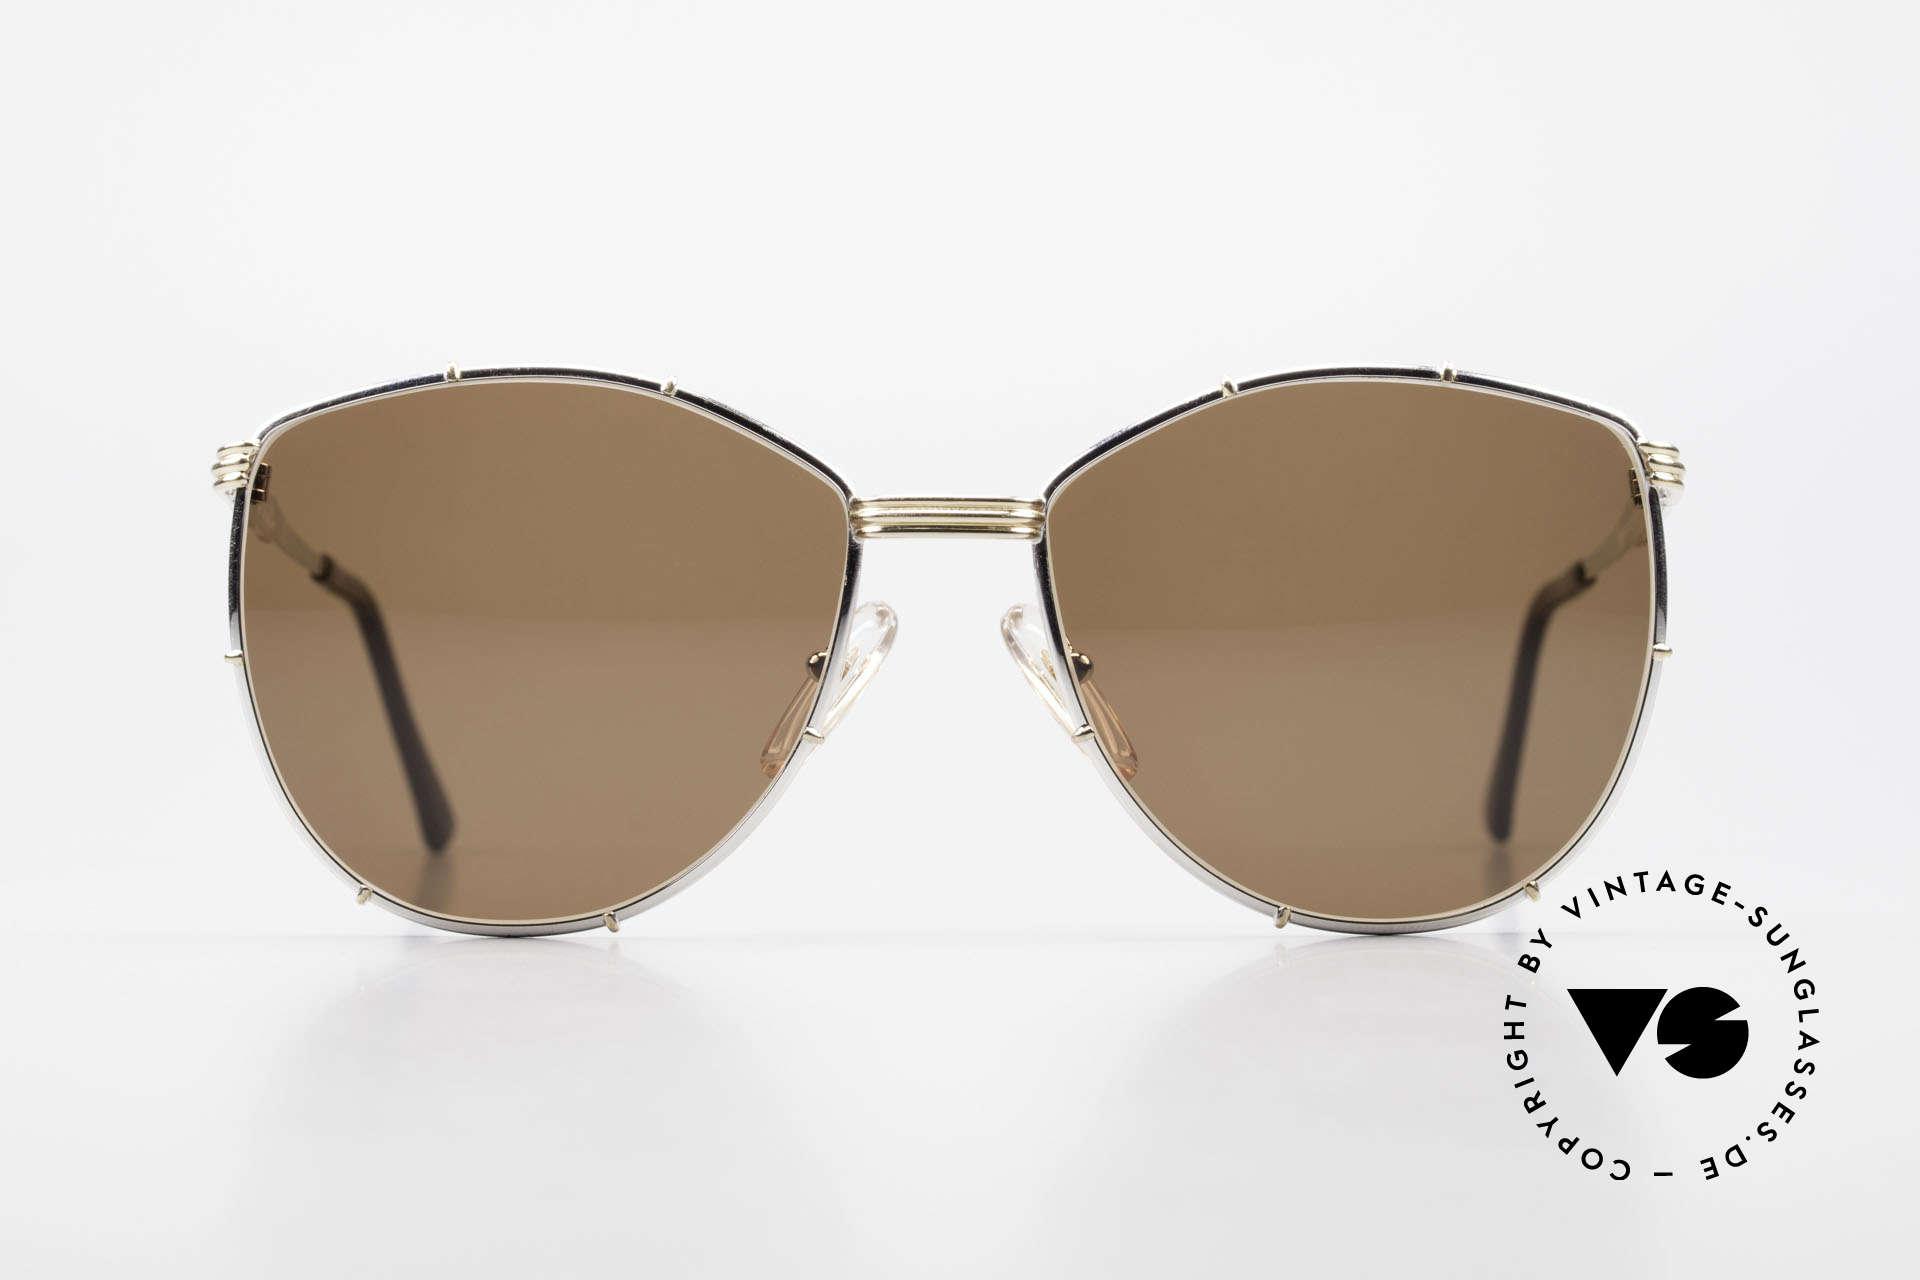 Christian Dior 2472 80er Vintage Designerbrille, unvergängliches Design, passend zu jedem Anlass, Passend für Damen